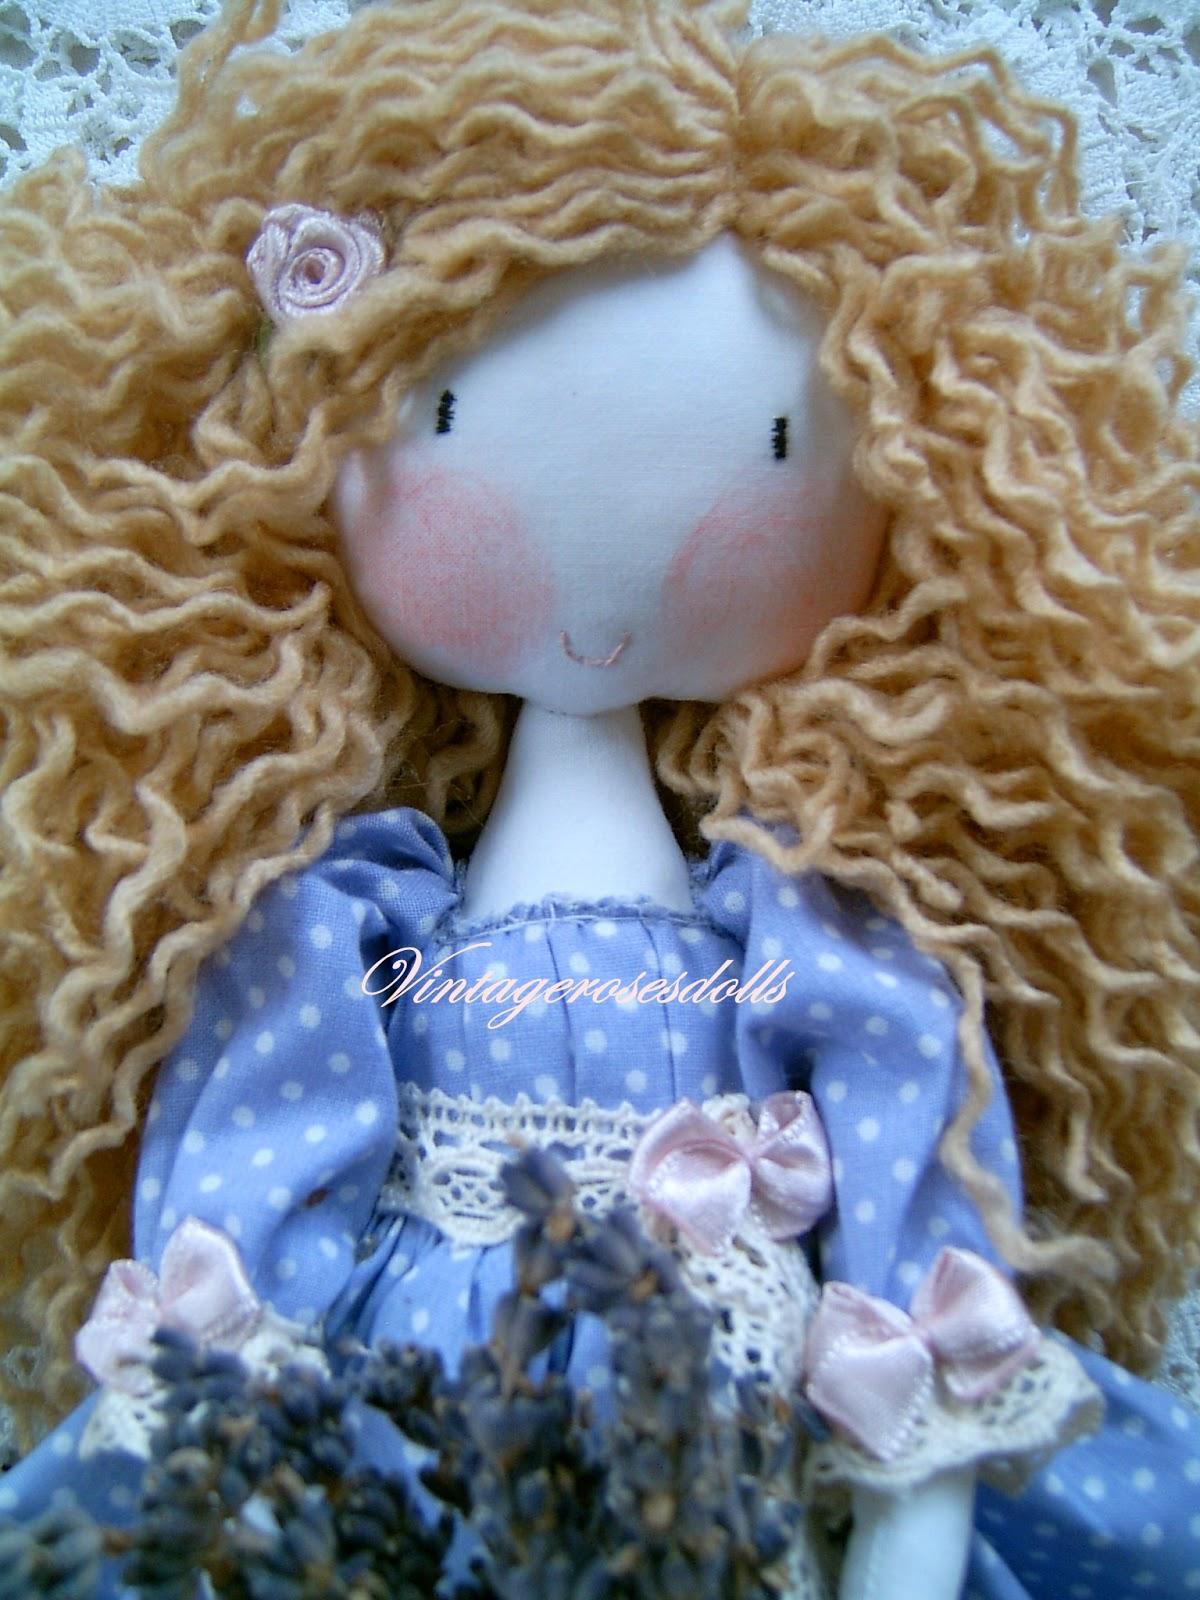 Játékbaba   Hajas baba   Babák   Játékbaba szülinapi ajándék kislányoknak   puha  baba  2 éves kislánynak szülinapi ajándék. Levendula ... eacf9933f3